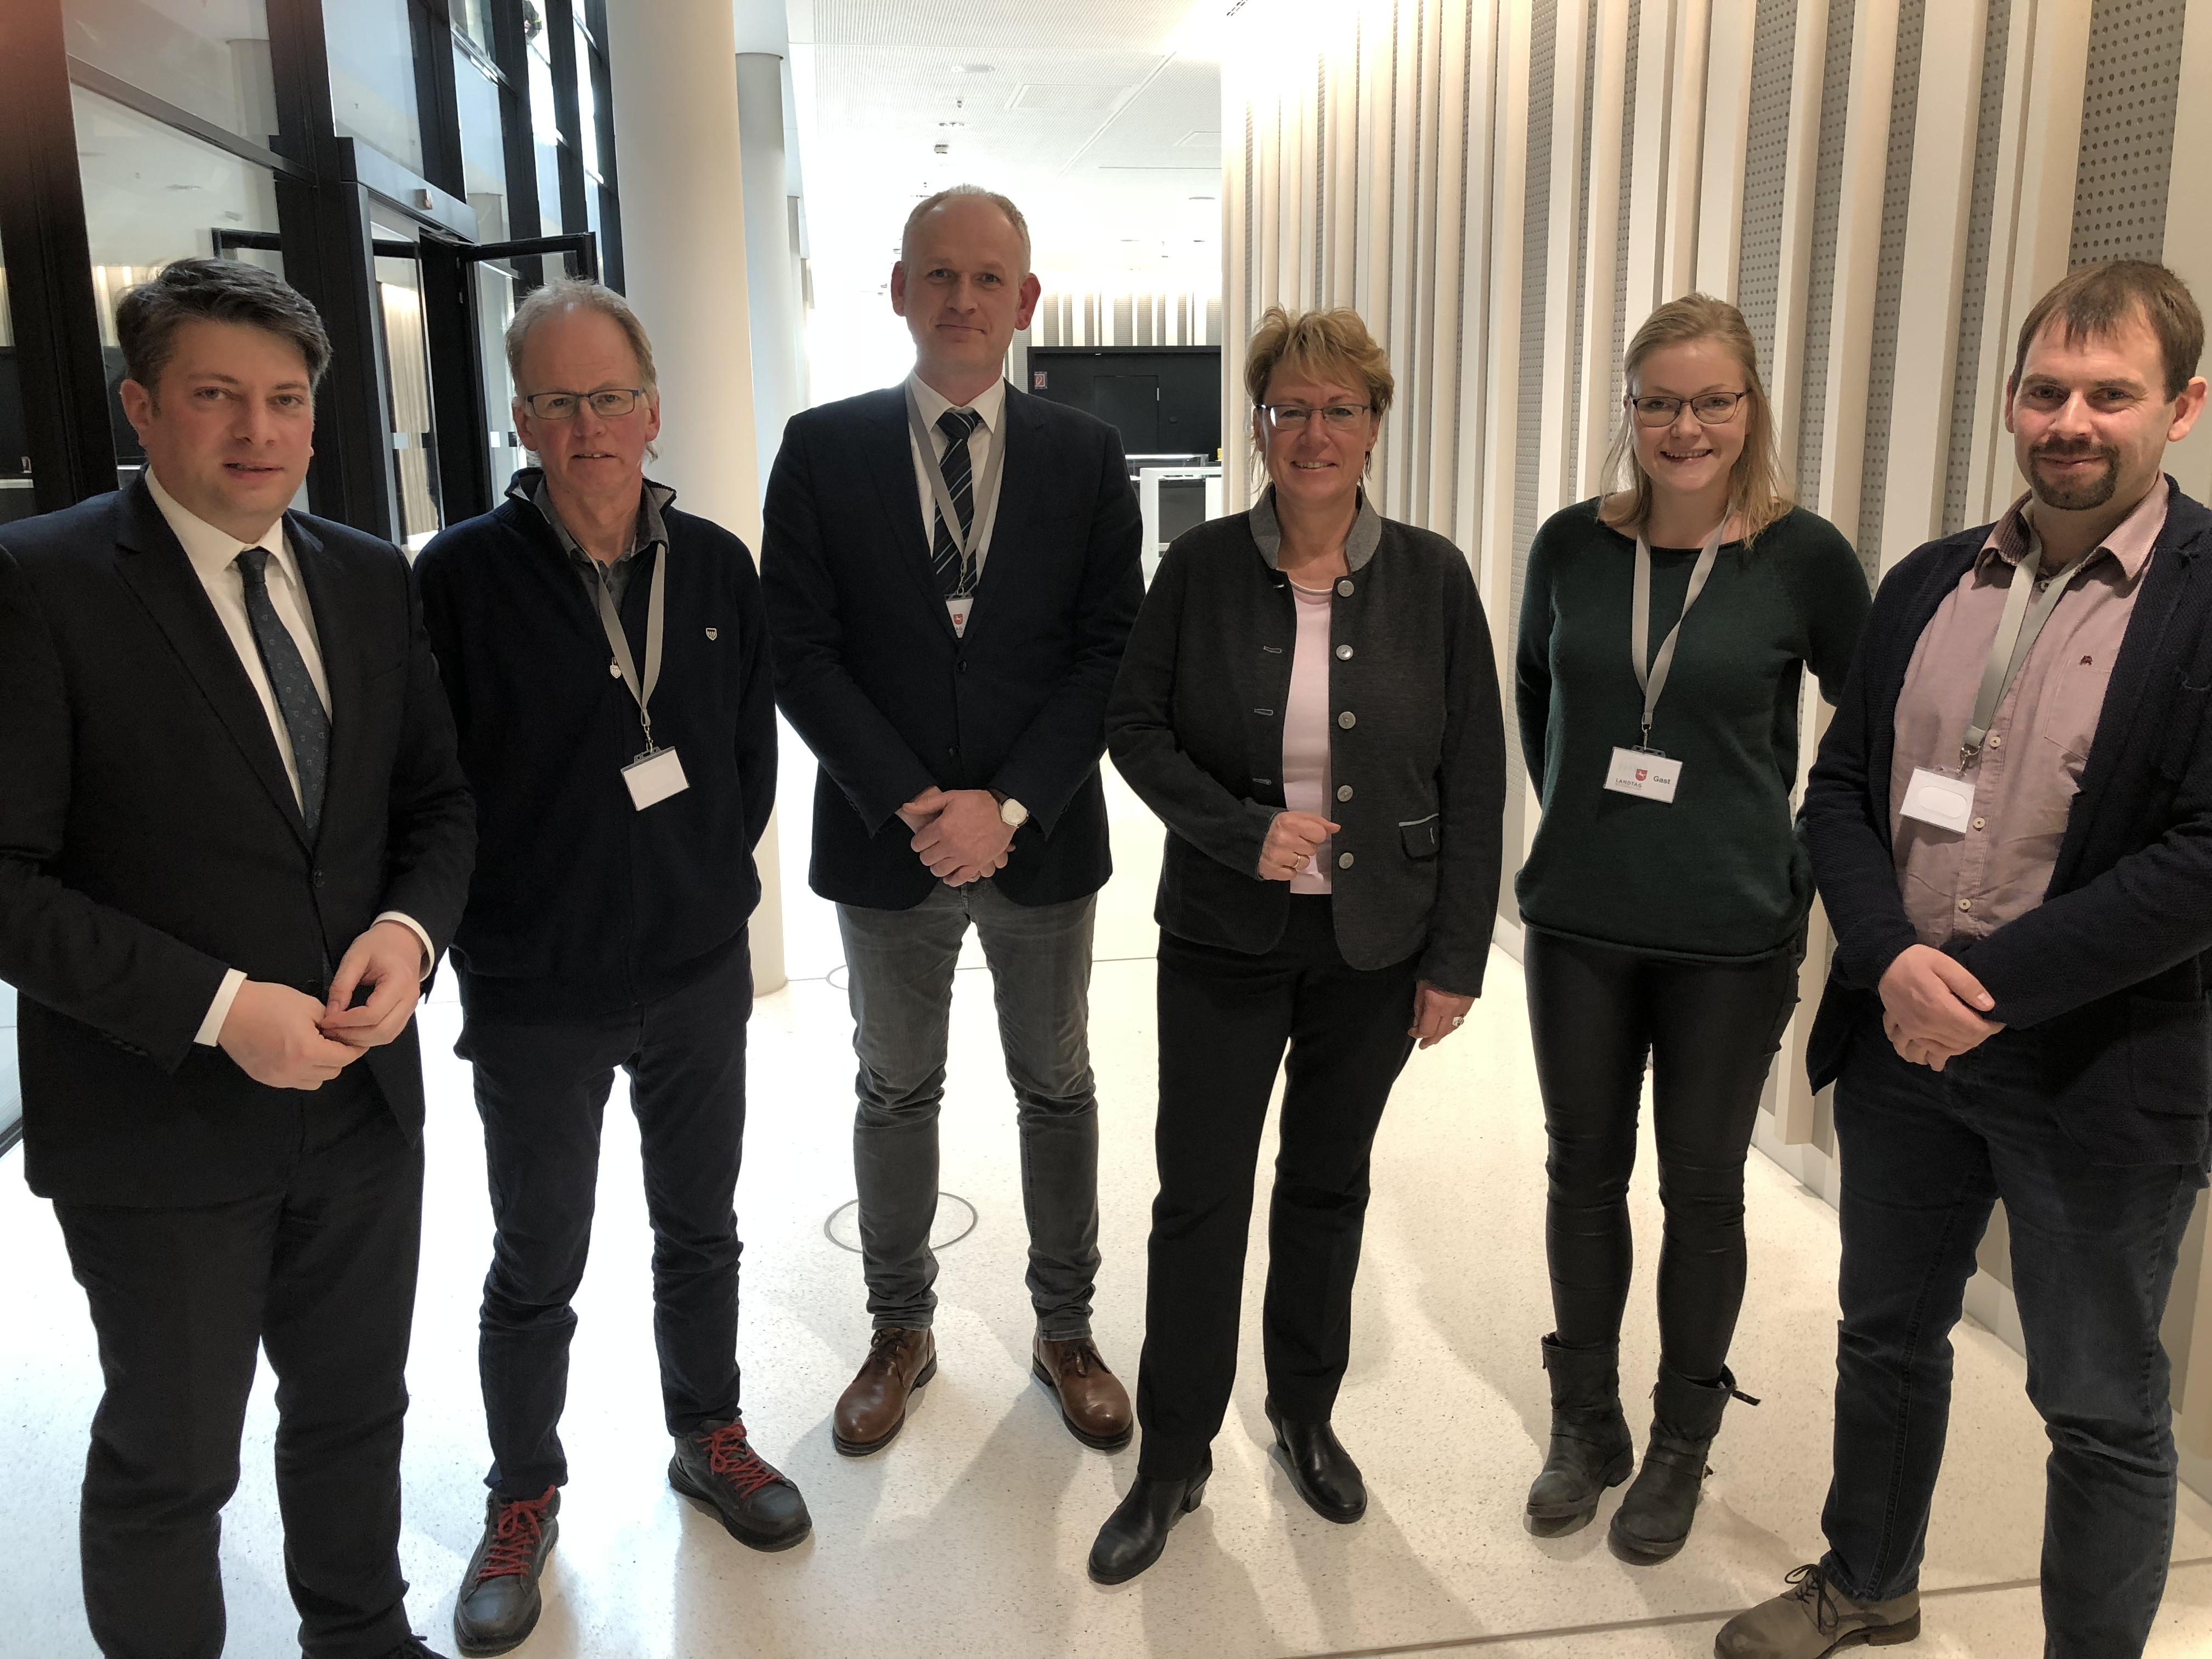 Gespräch mit Barbara Otte-Kinast (3. von rechts) auf Vermittlung des örtlichen Landtagsabgeordneten Christian Calderone (links): In Hannover trafen Vertreter der AGV und der Gemeinde Voltlage auf die neue niedersächsische Landwirtschaftsministerin.